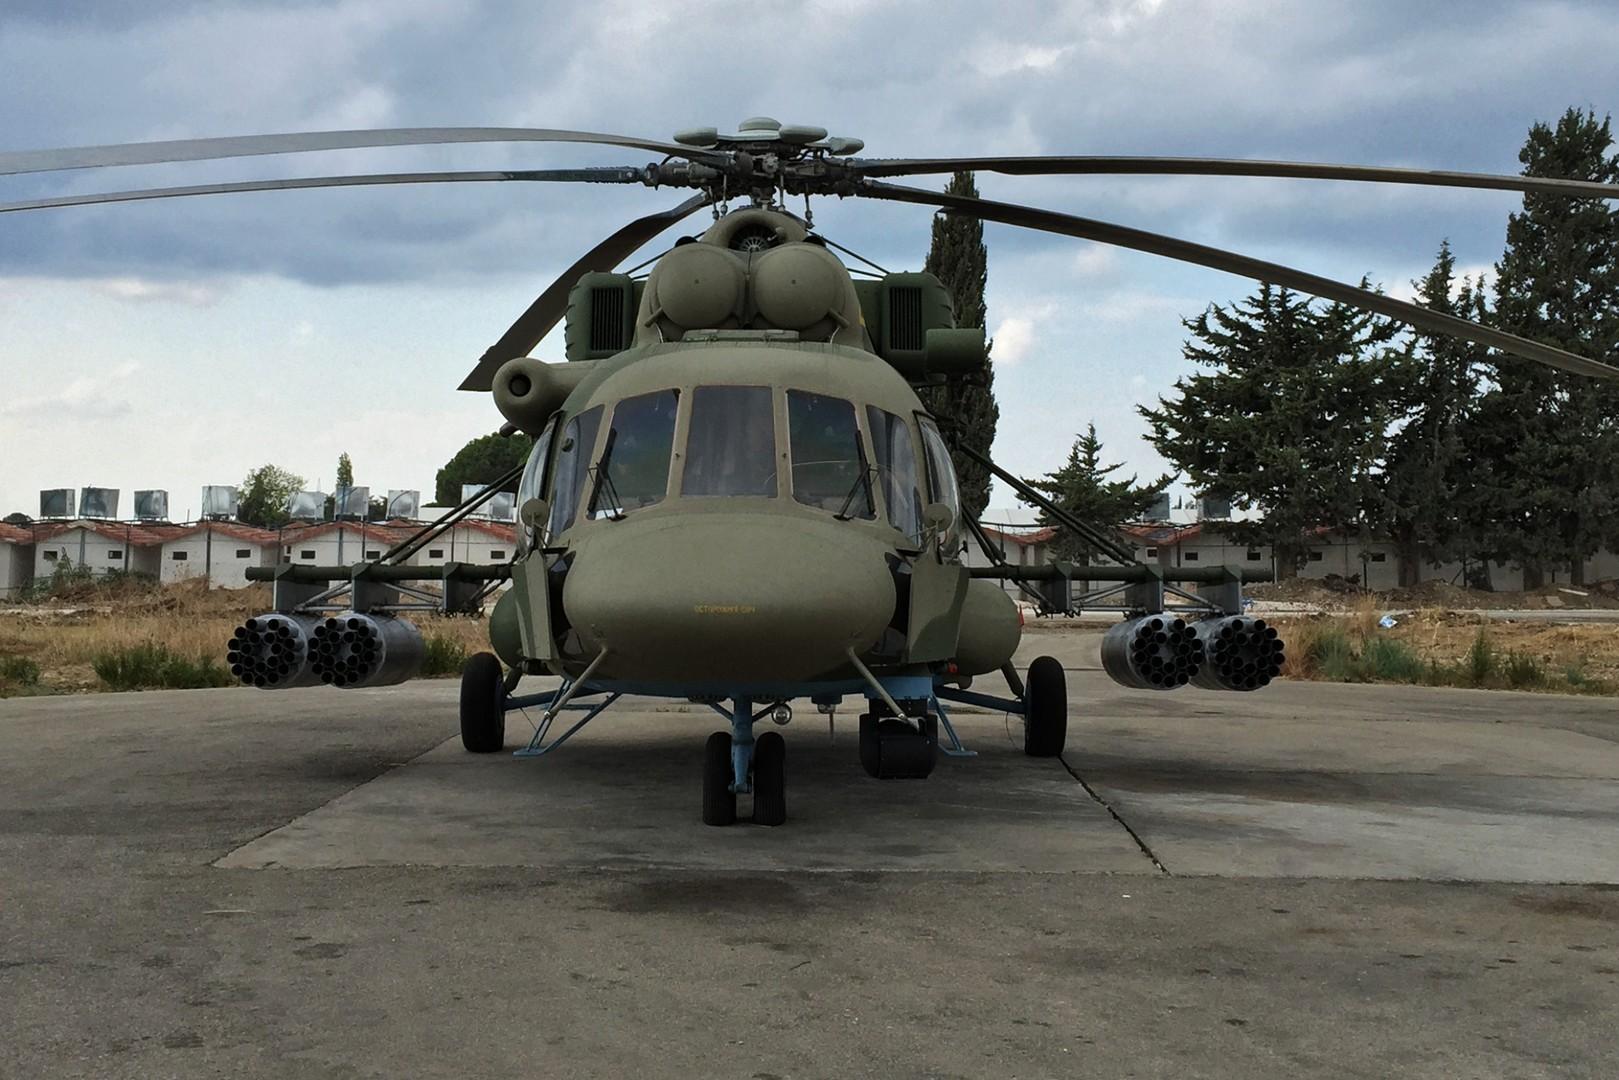 Генштаб: Вертолёт ВКС РФ был сбит в Сирии над районом, подконтрольным «Фронту ан-Нусра»